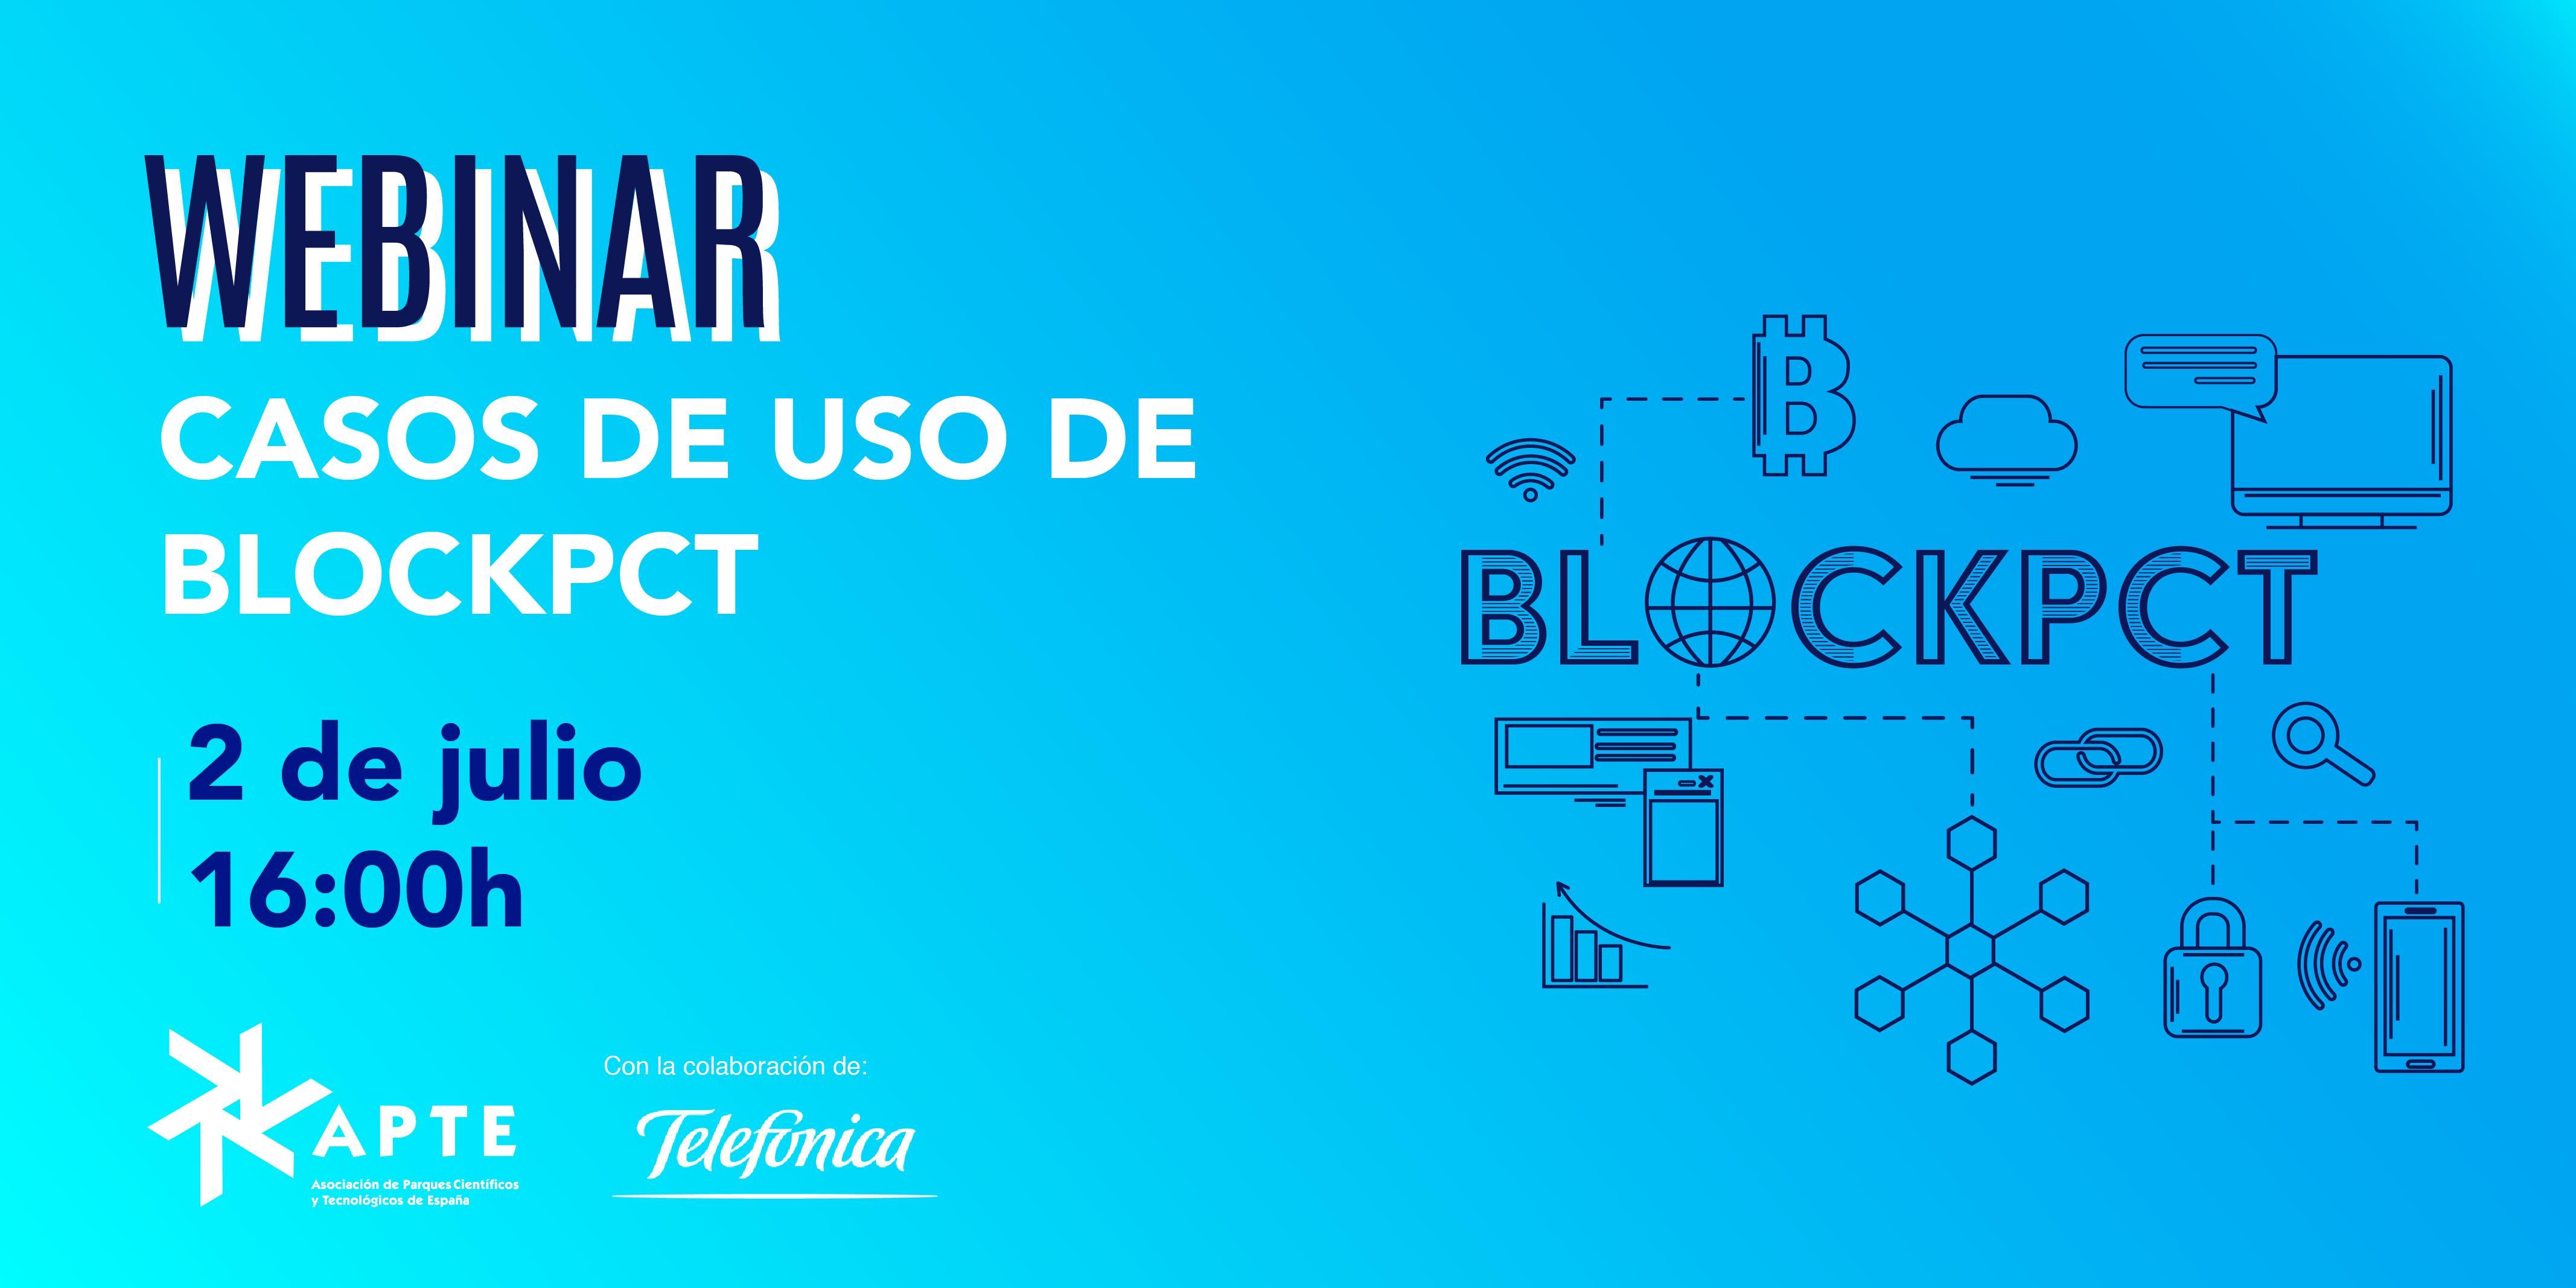 WEBINAR CASOS DE USO BLOCKPCT